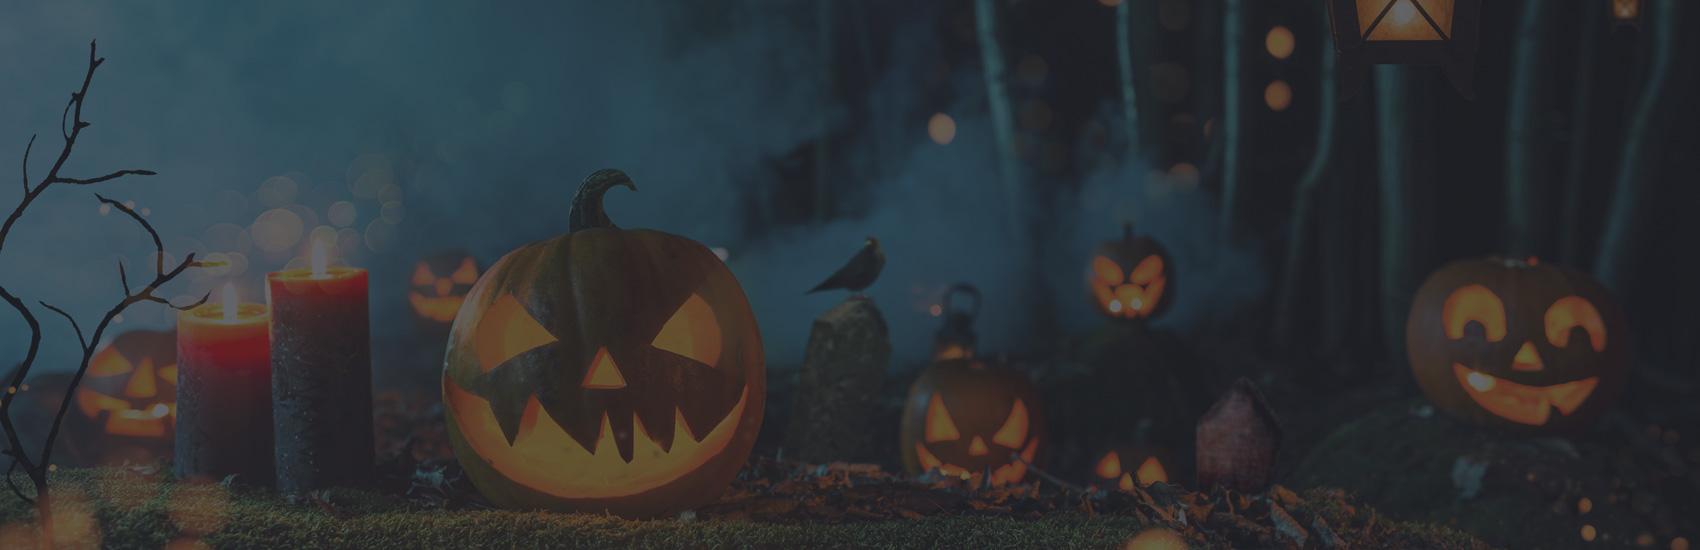 La fête d'Halloween sera-t-elle gâchée par la pluie?